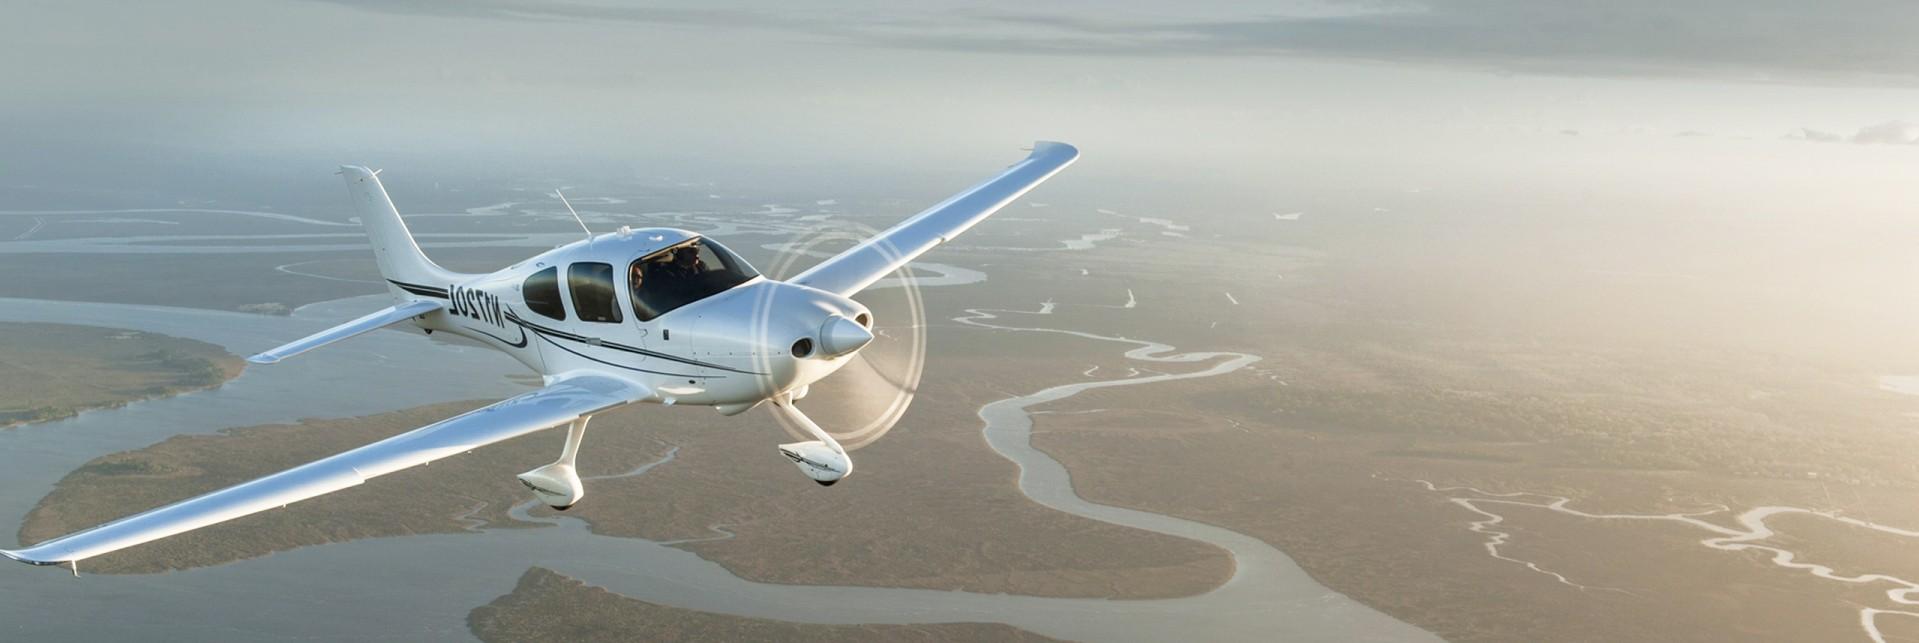 airplane cirrus sky